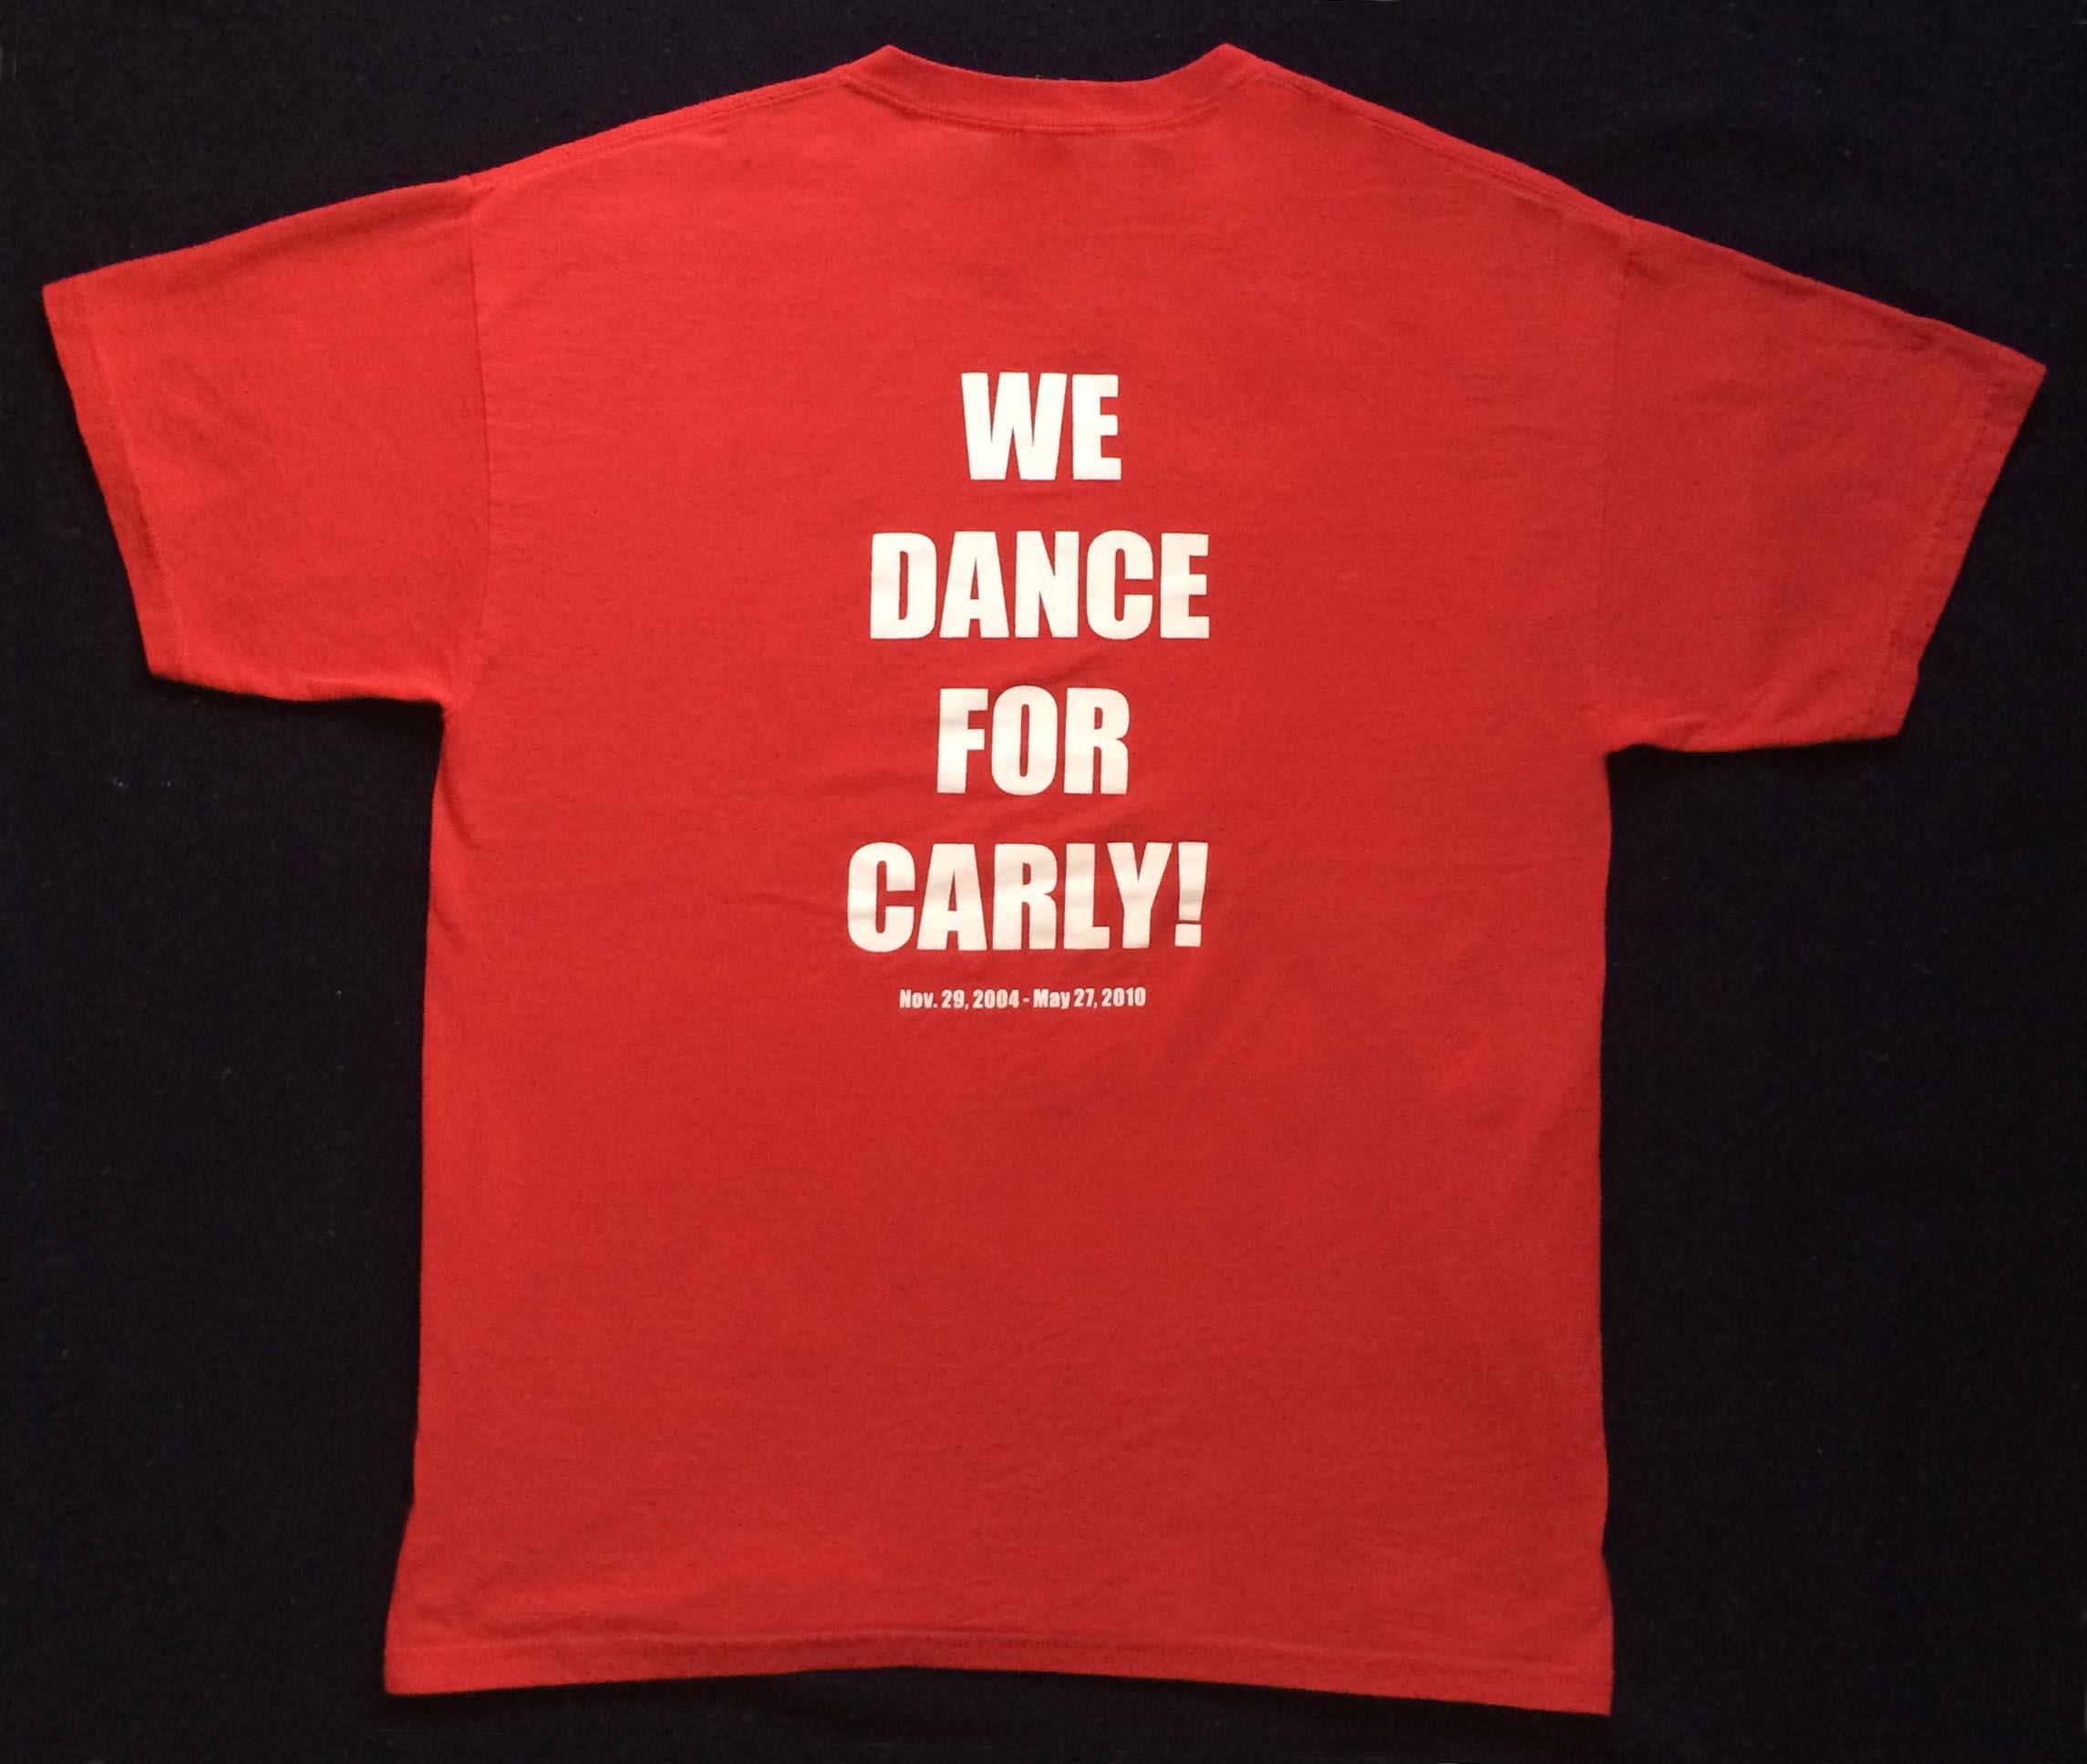 2011 THON T-Shirt (Back) - Feb. 18, 2011